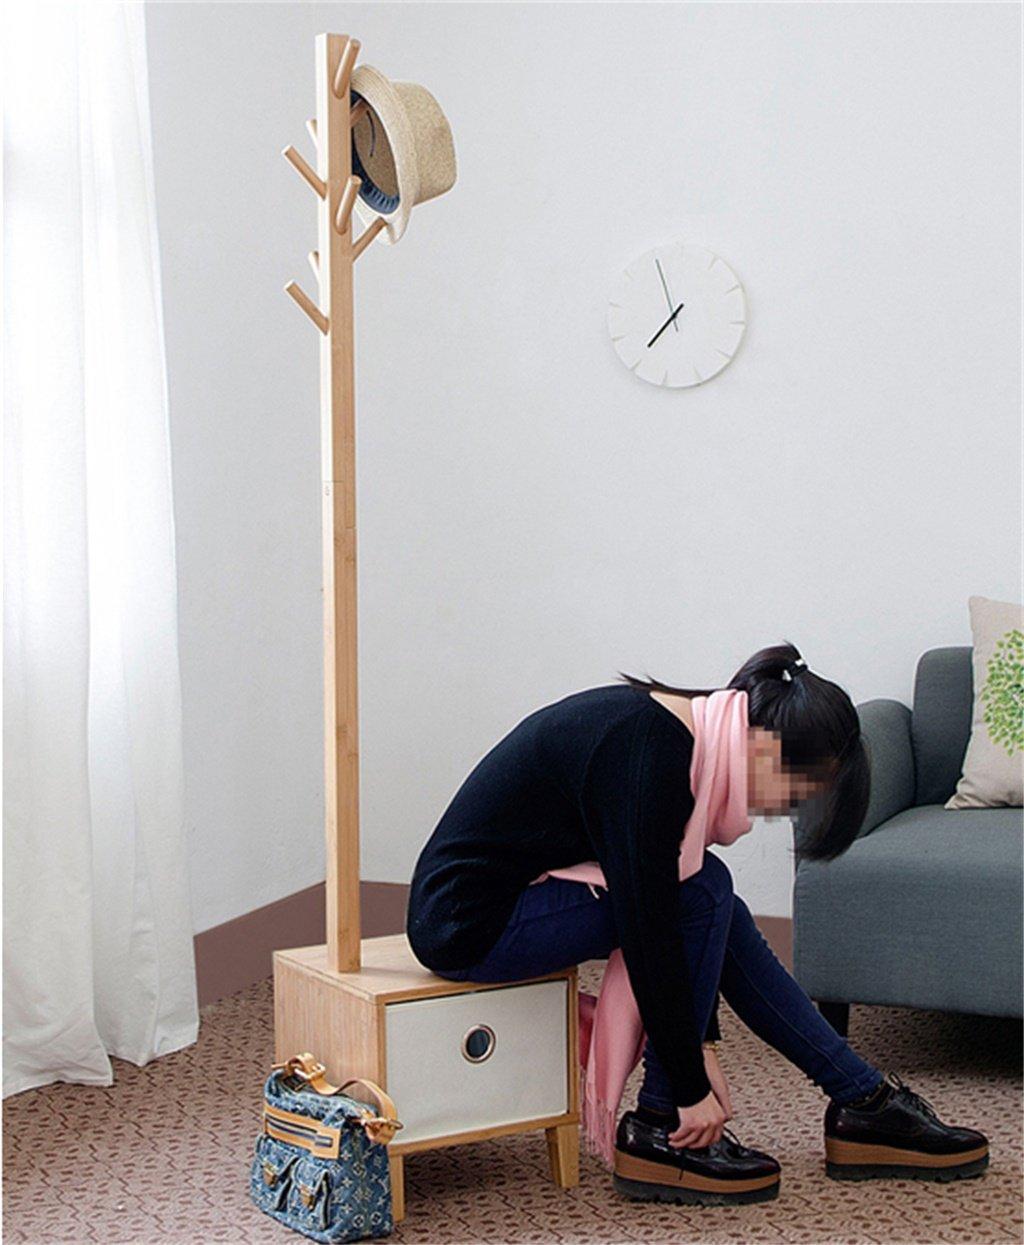 Amazon.com: XF - Perchero de madera maciza multifunción ...